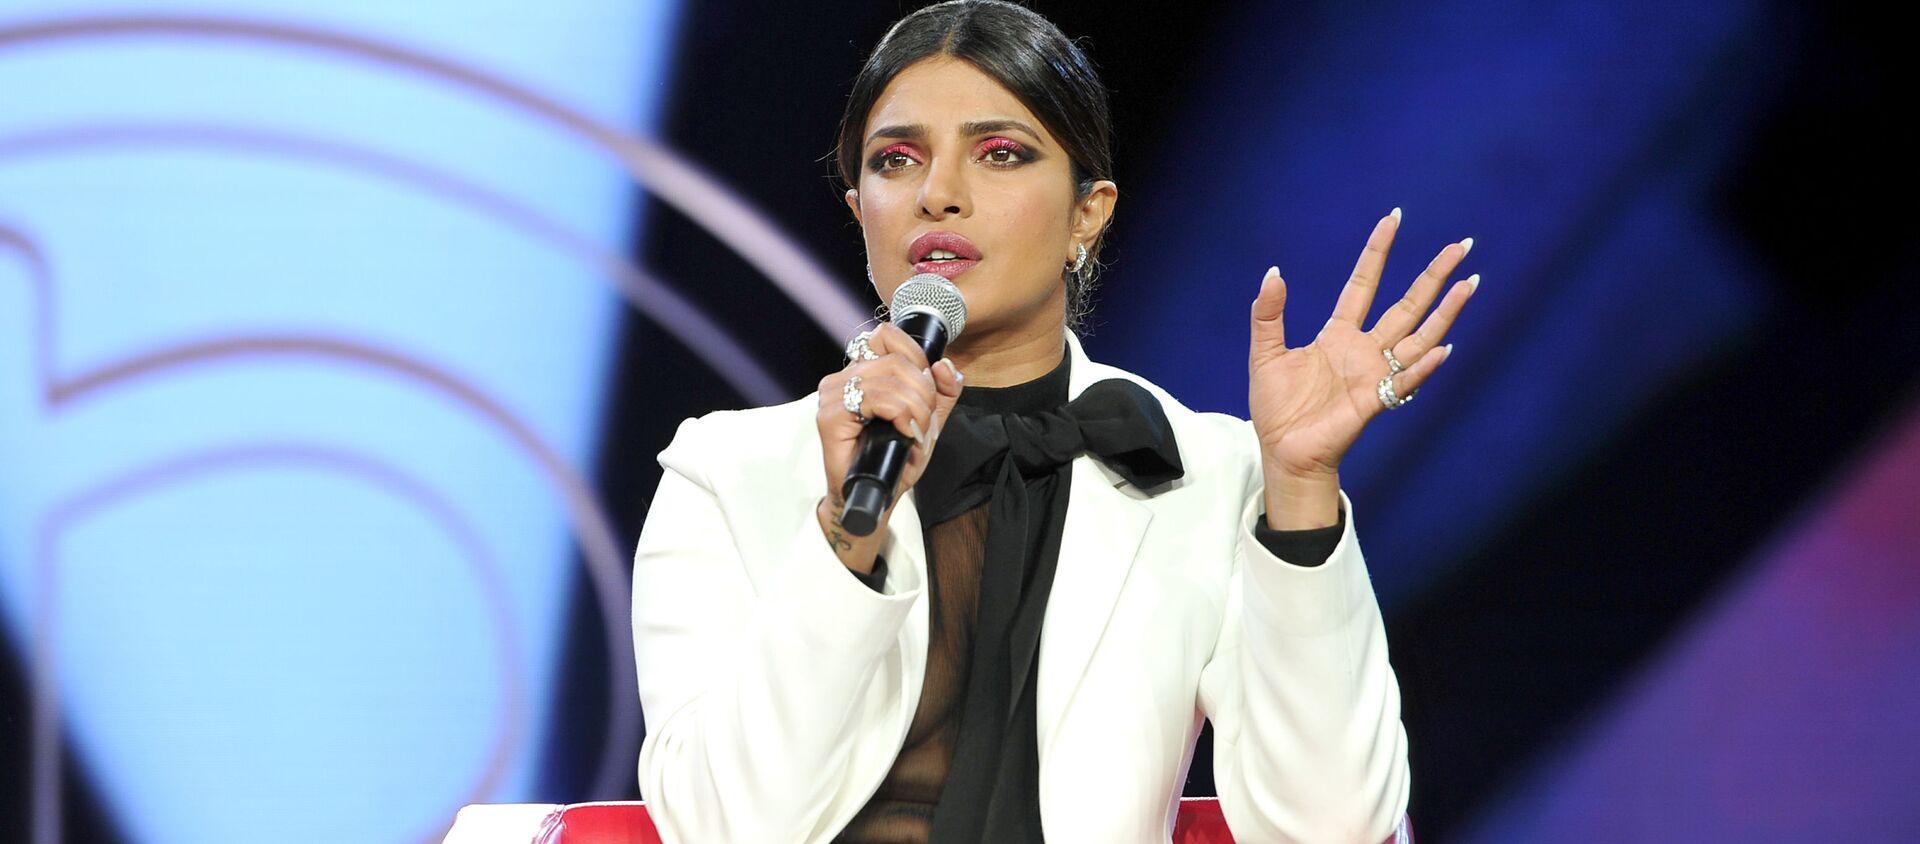 Priyanka Chopra, actriz india, durante un evento dedicado a la industria de la belleza, en Los Angeles - Sputnik Mundo, 1920, 12.08.2019